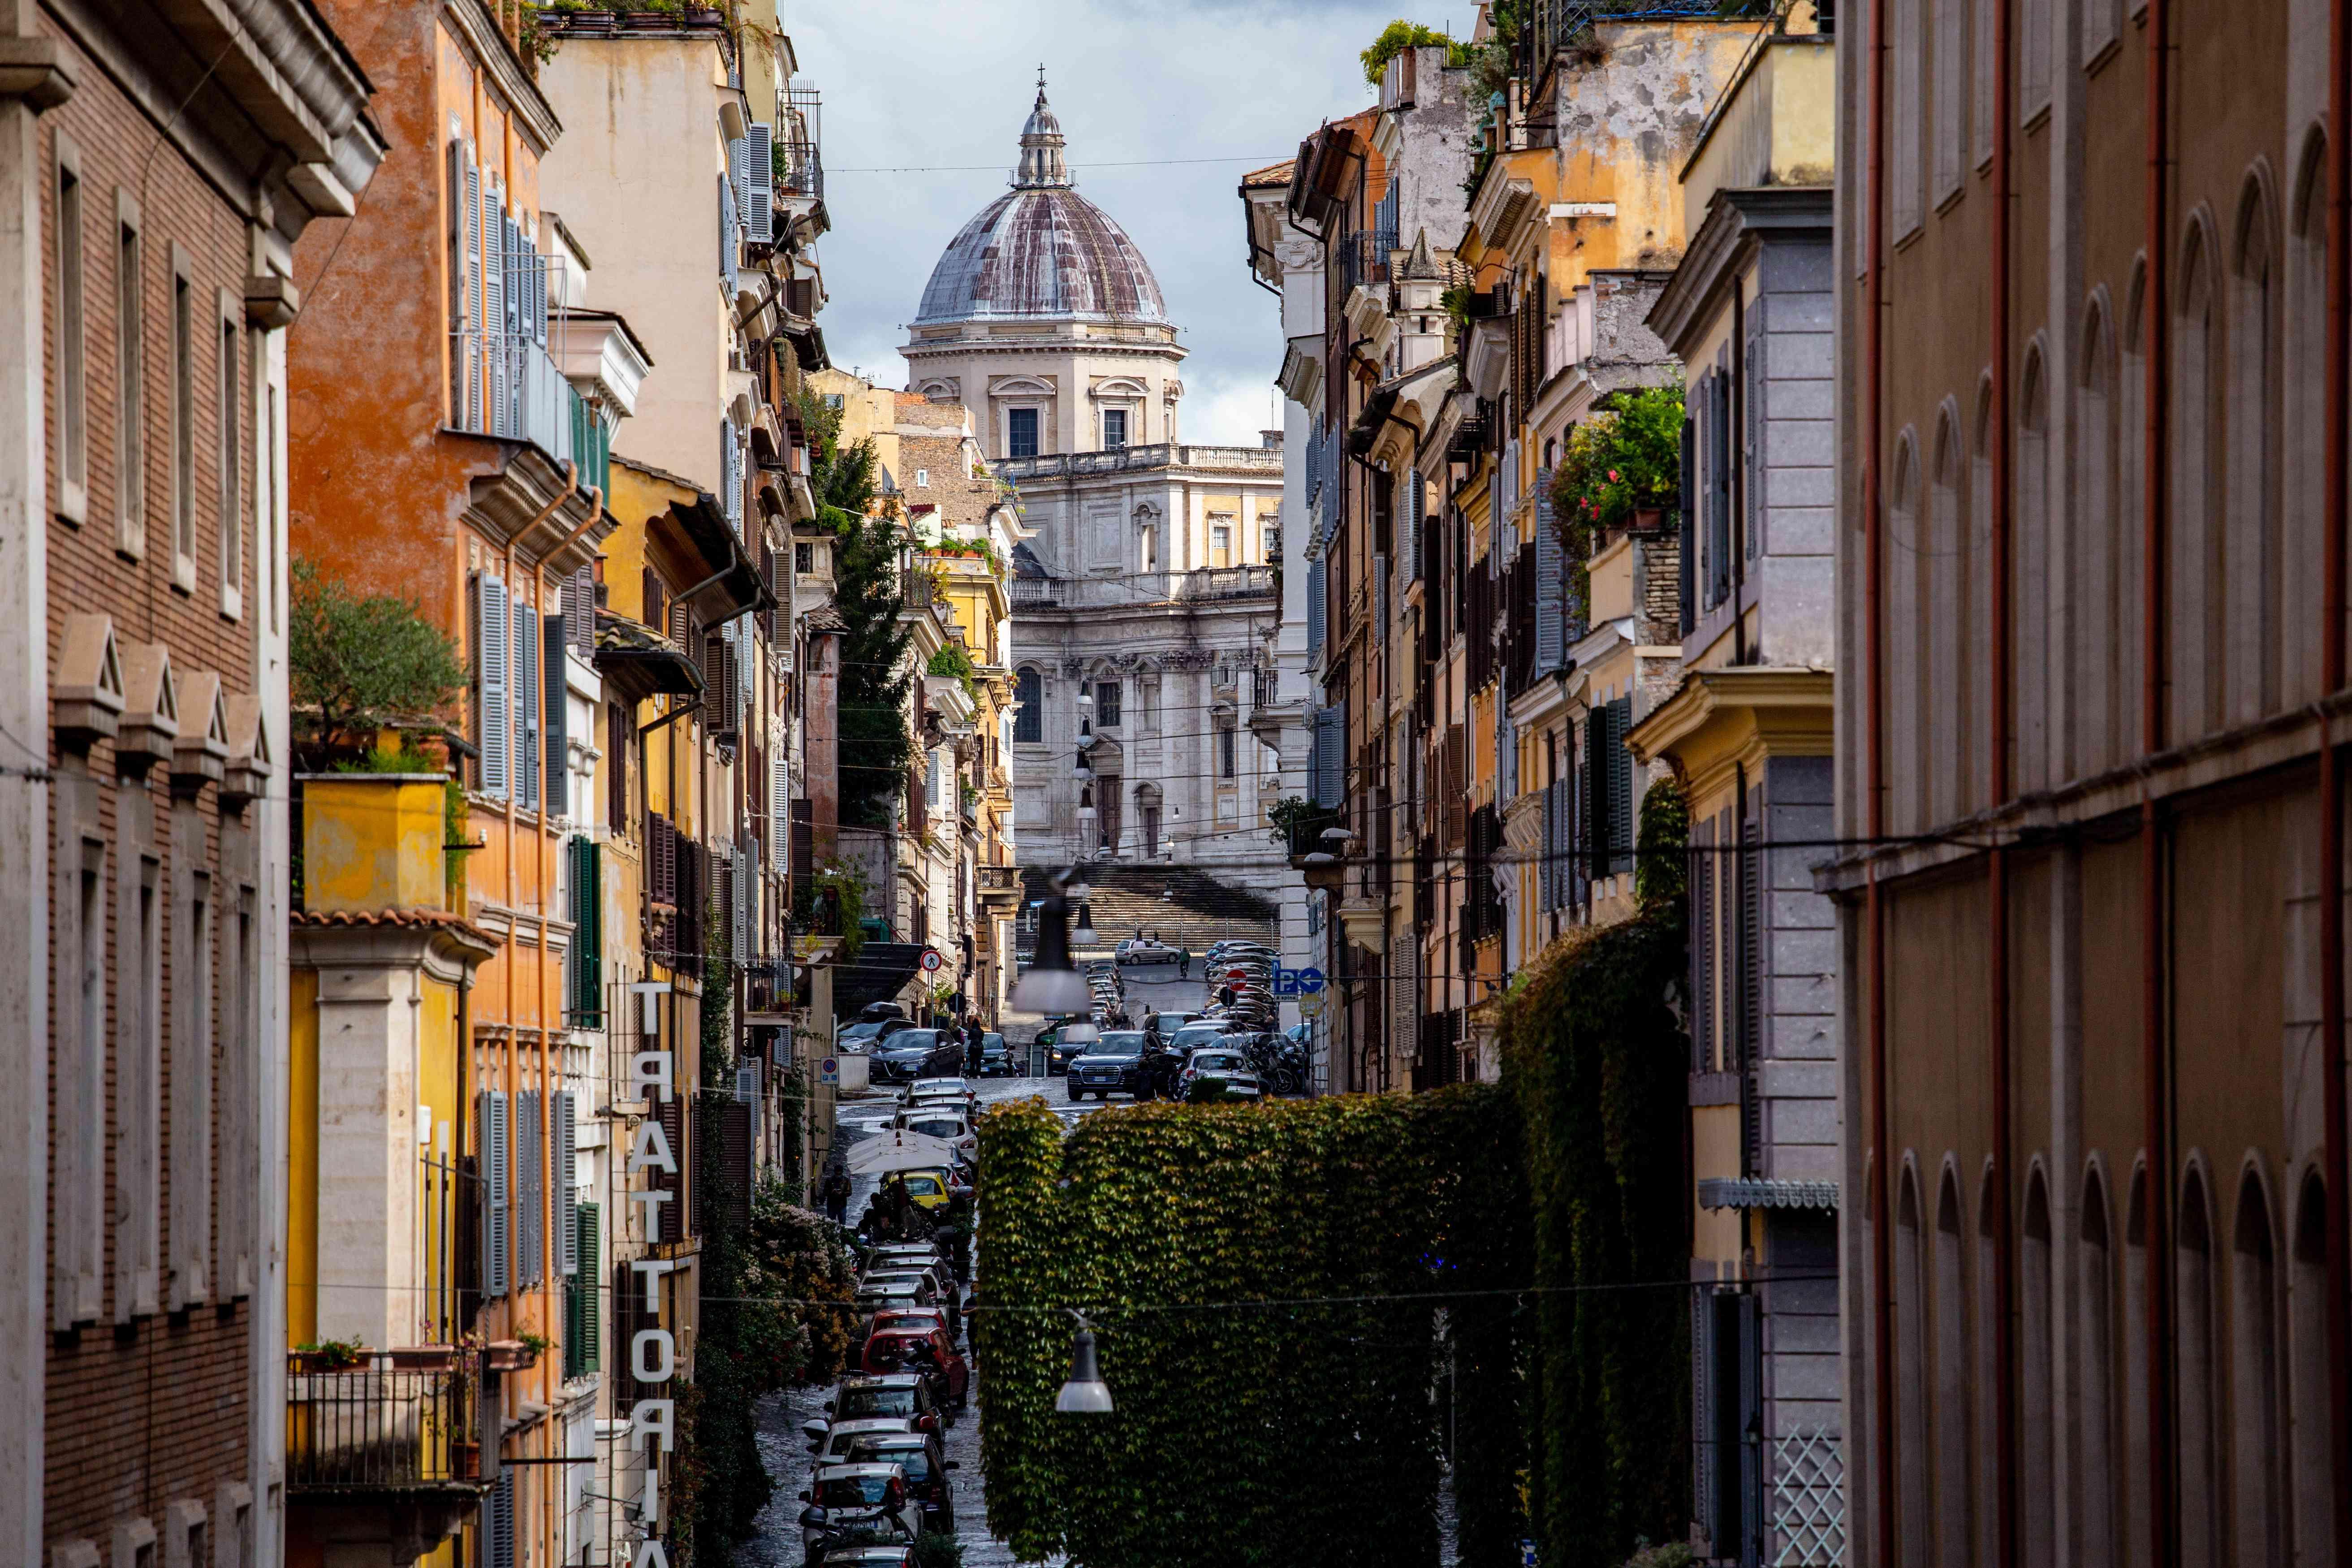 Monti distric, Rome